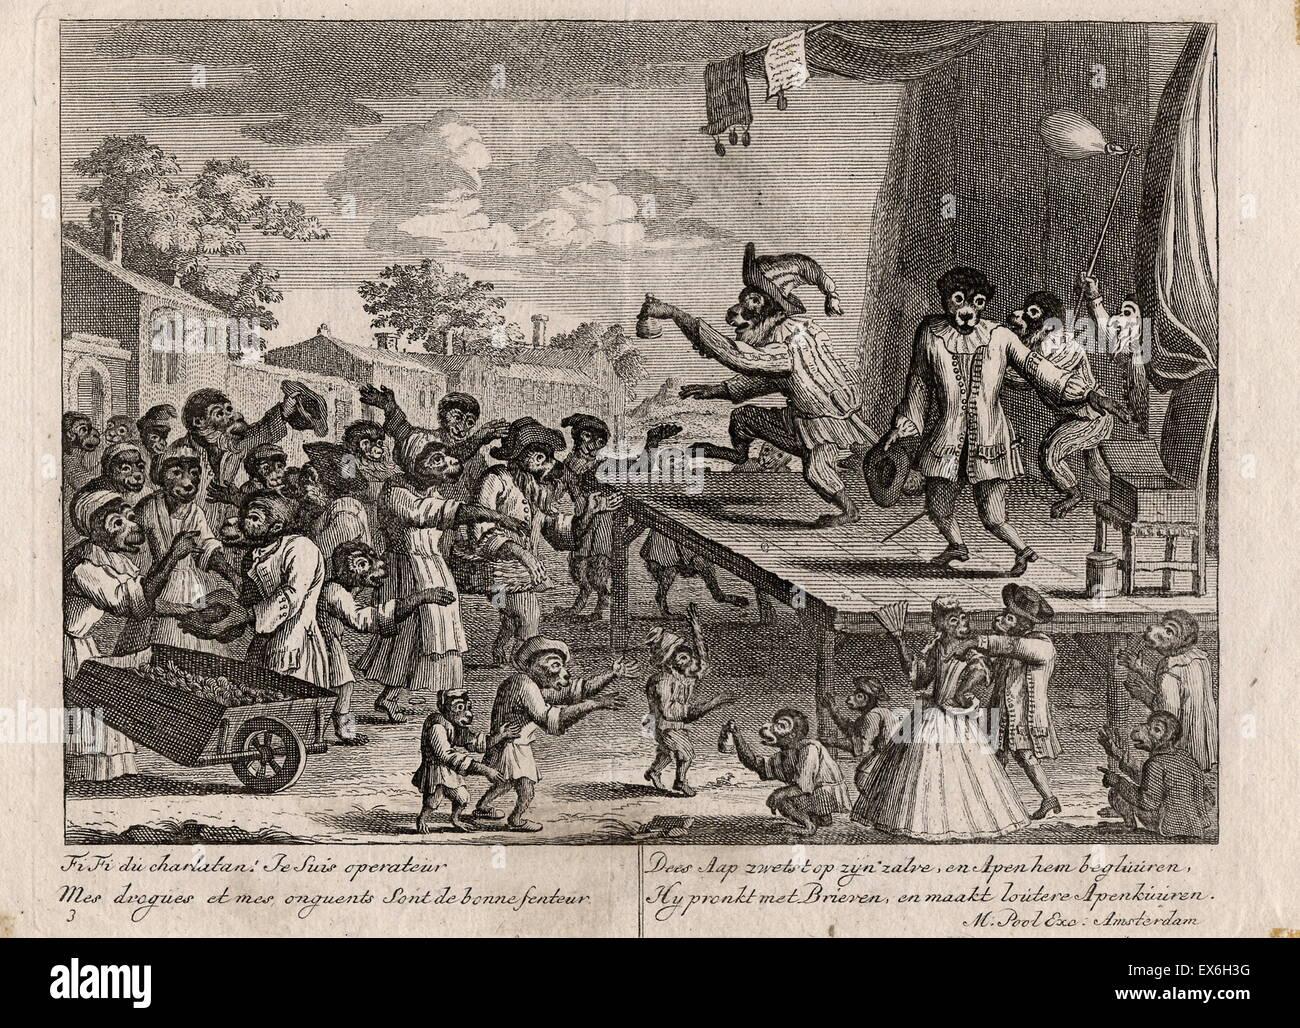 Escena del mercado con monos vestidos como seres humanos. Un charlatán de pie sobre una plataforma en un mercado Imagen De Stock